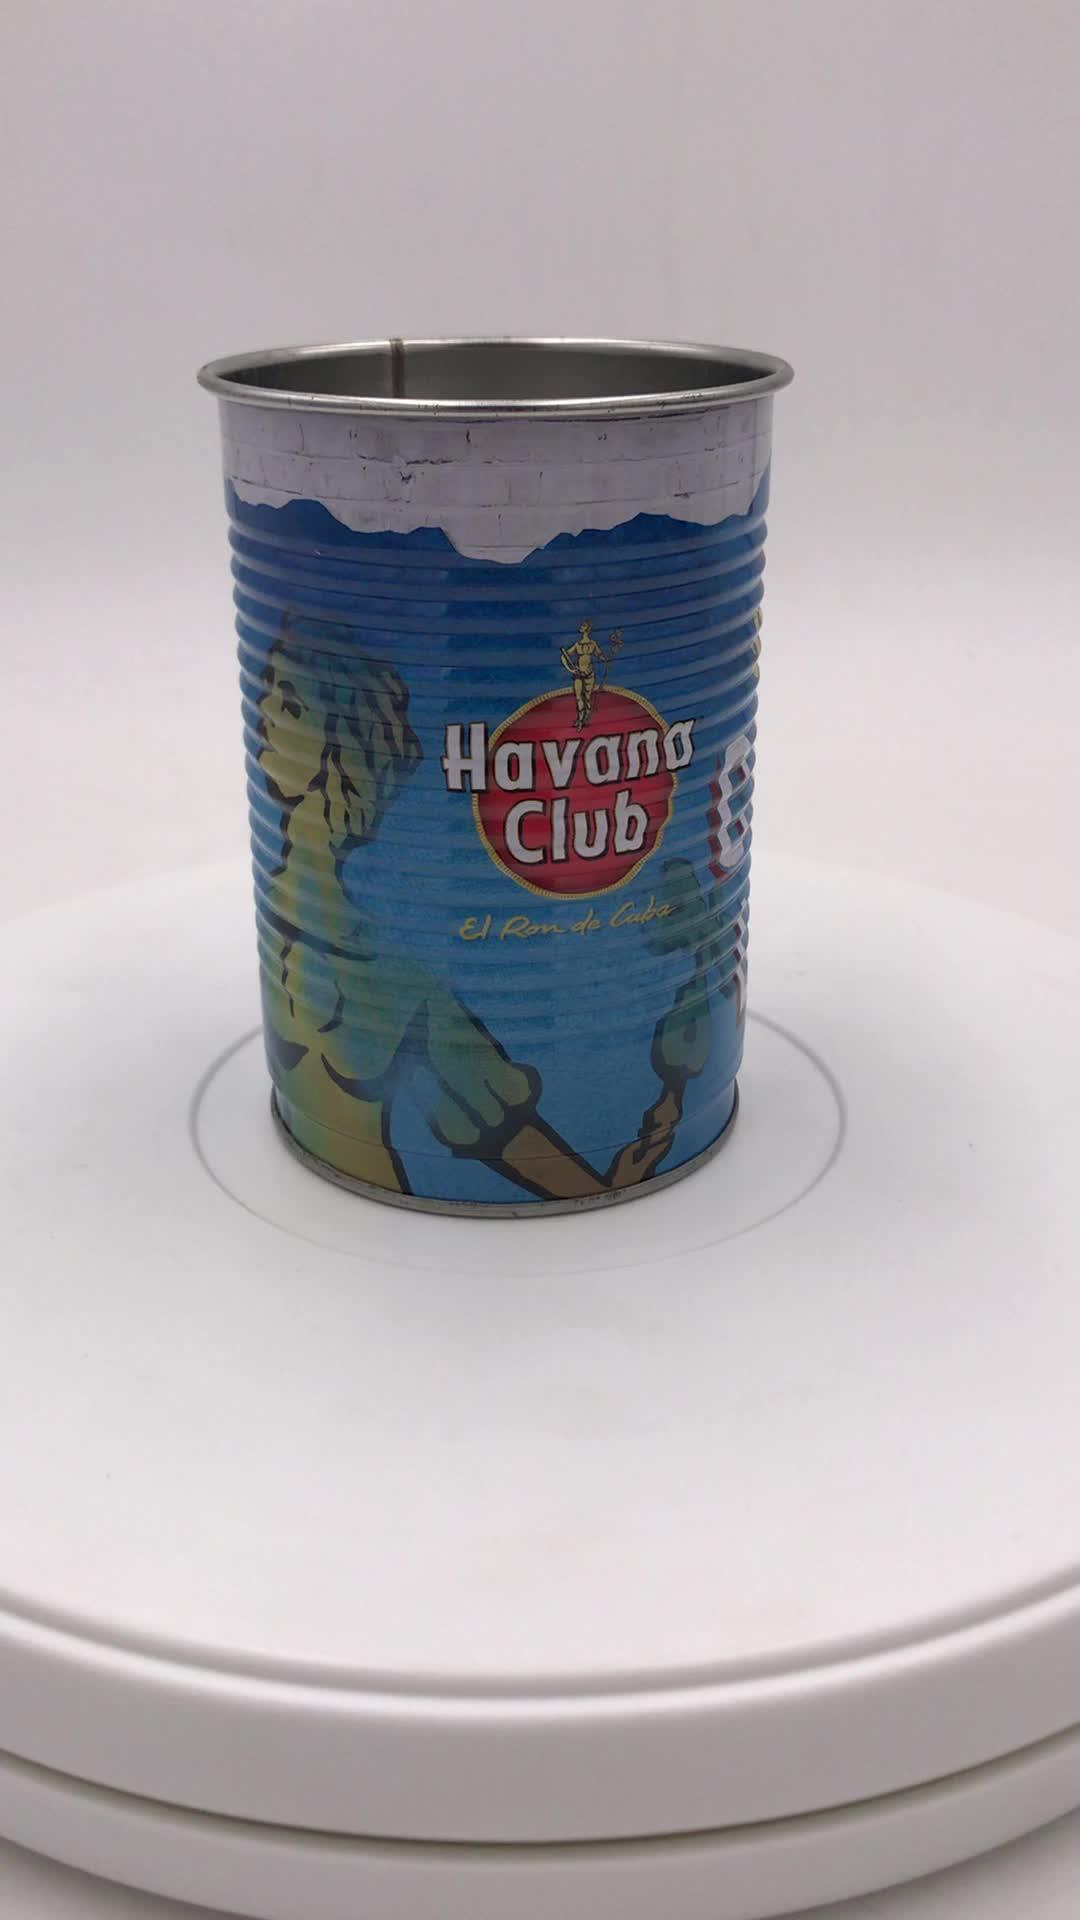 东莞精诚12-15盎司防漏水杯罐 东莞精诚一次性鸡尾酒杯罐定制厂家